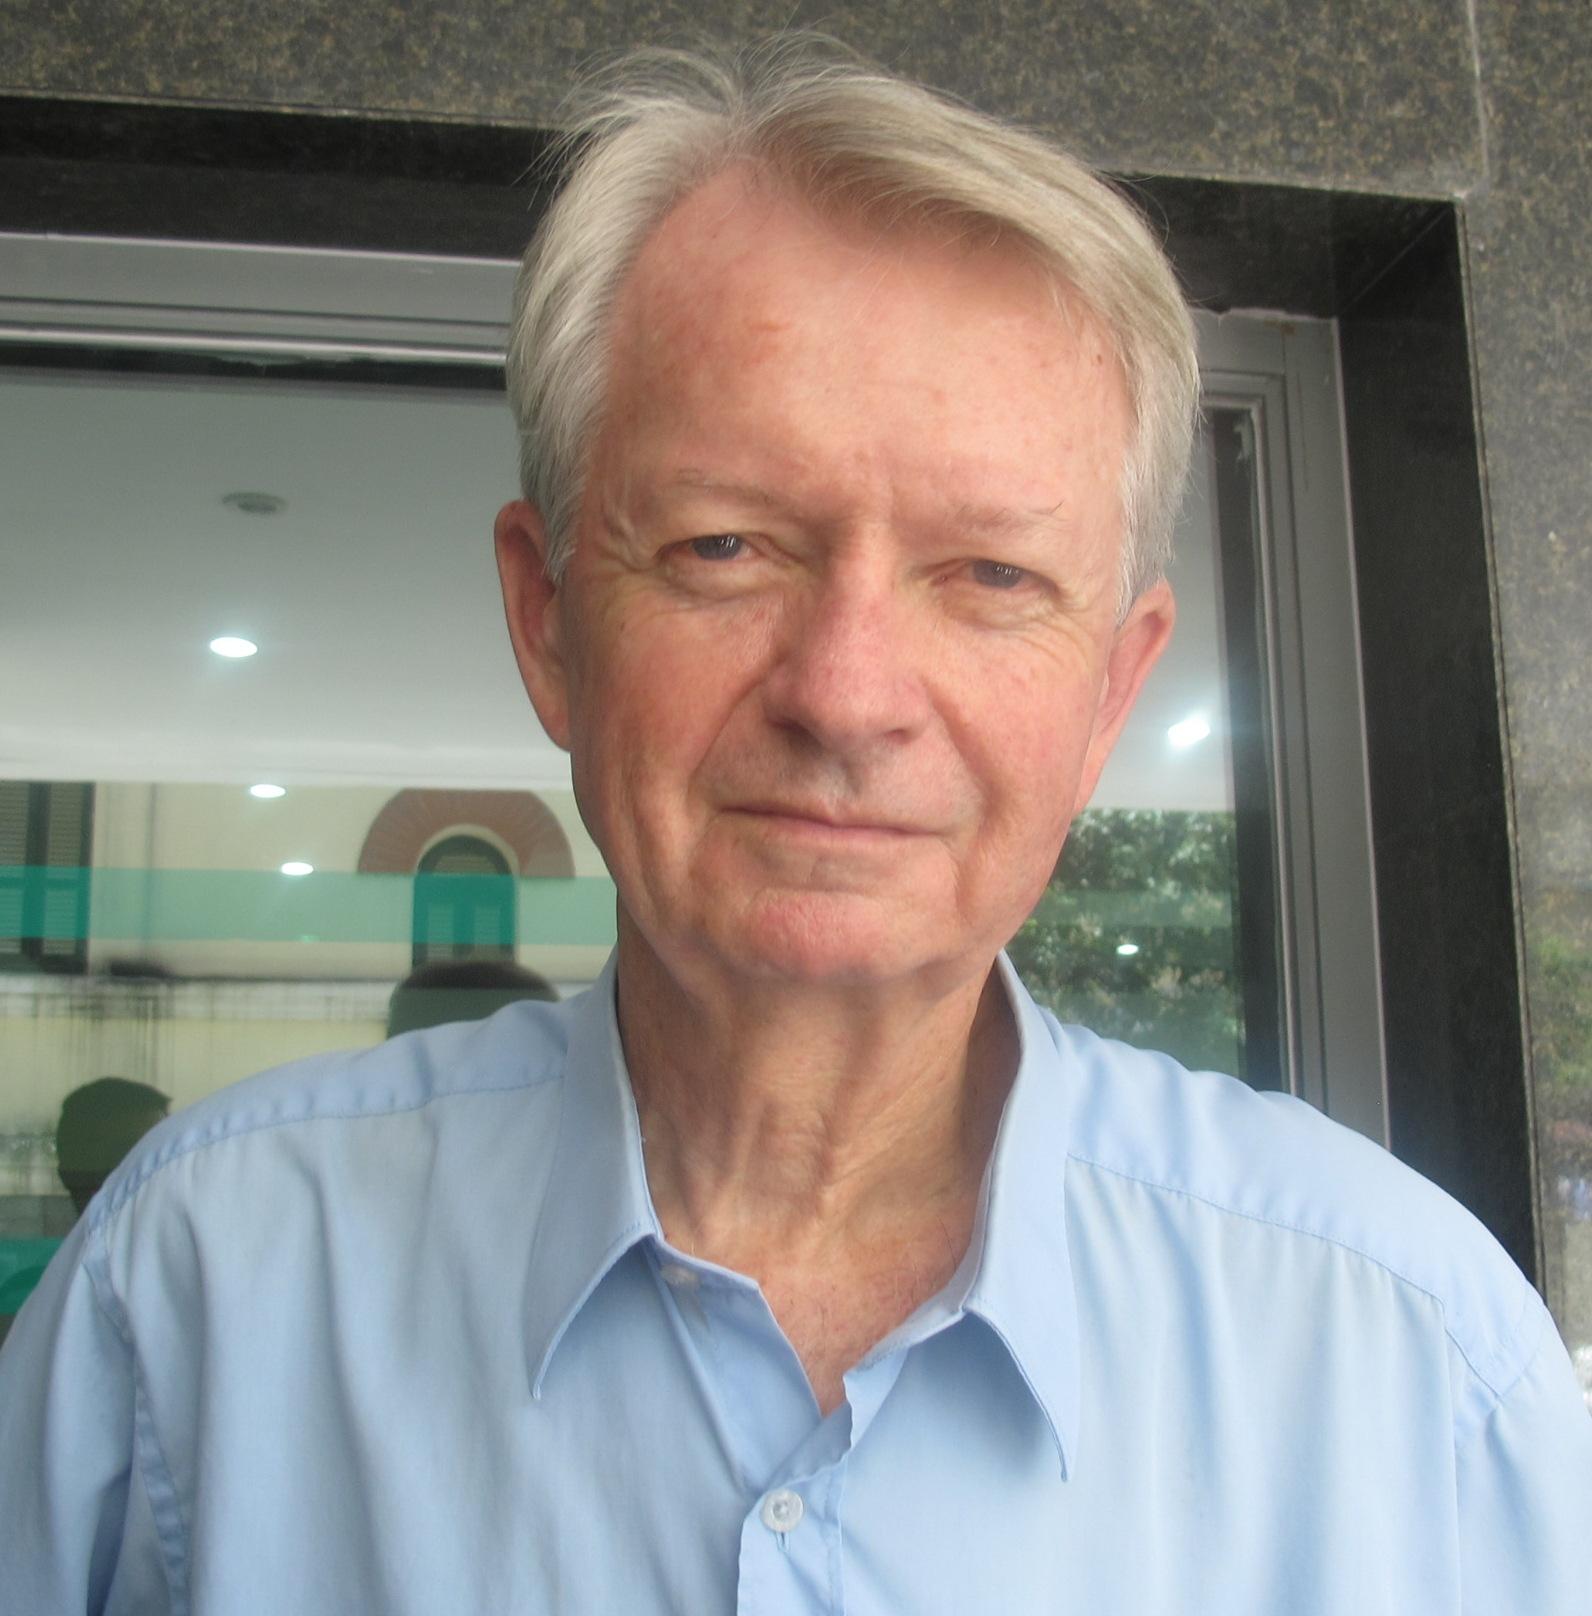 Ông Chuck Searcy, cựu chiến binh Mỹ, Cố vấn quốc tế của dự án Project Renew giúp rà phá bom mìn còn sót lại ở Việt Nam.